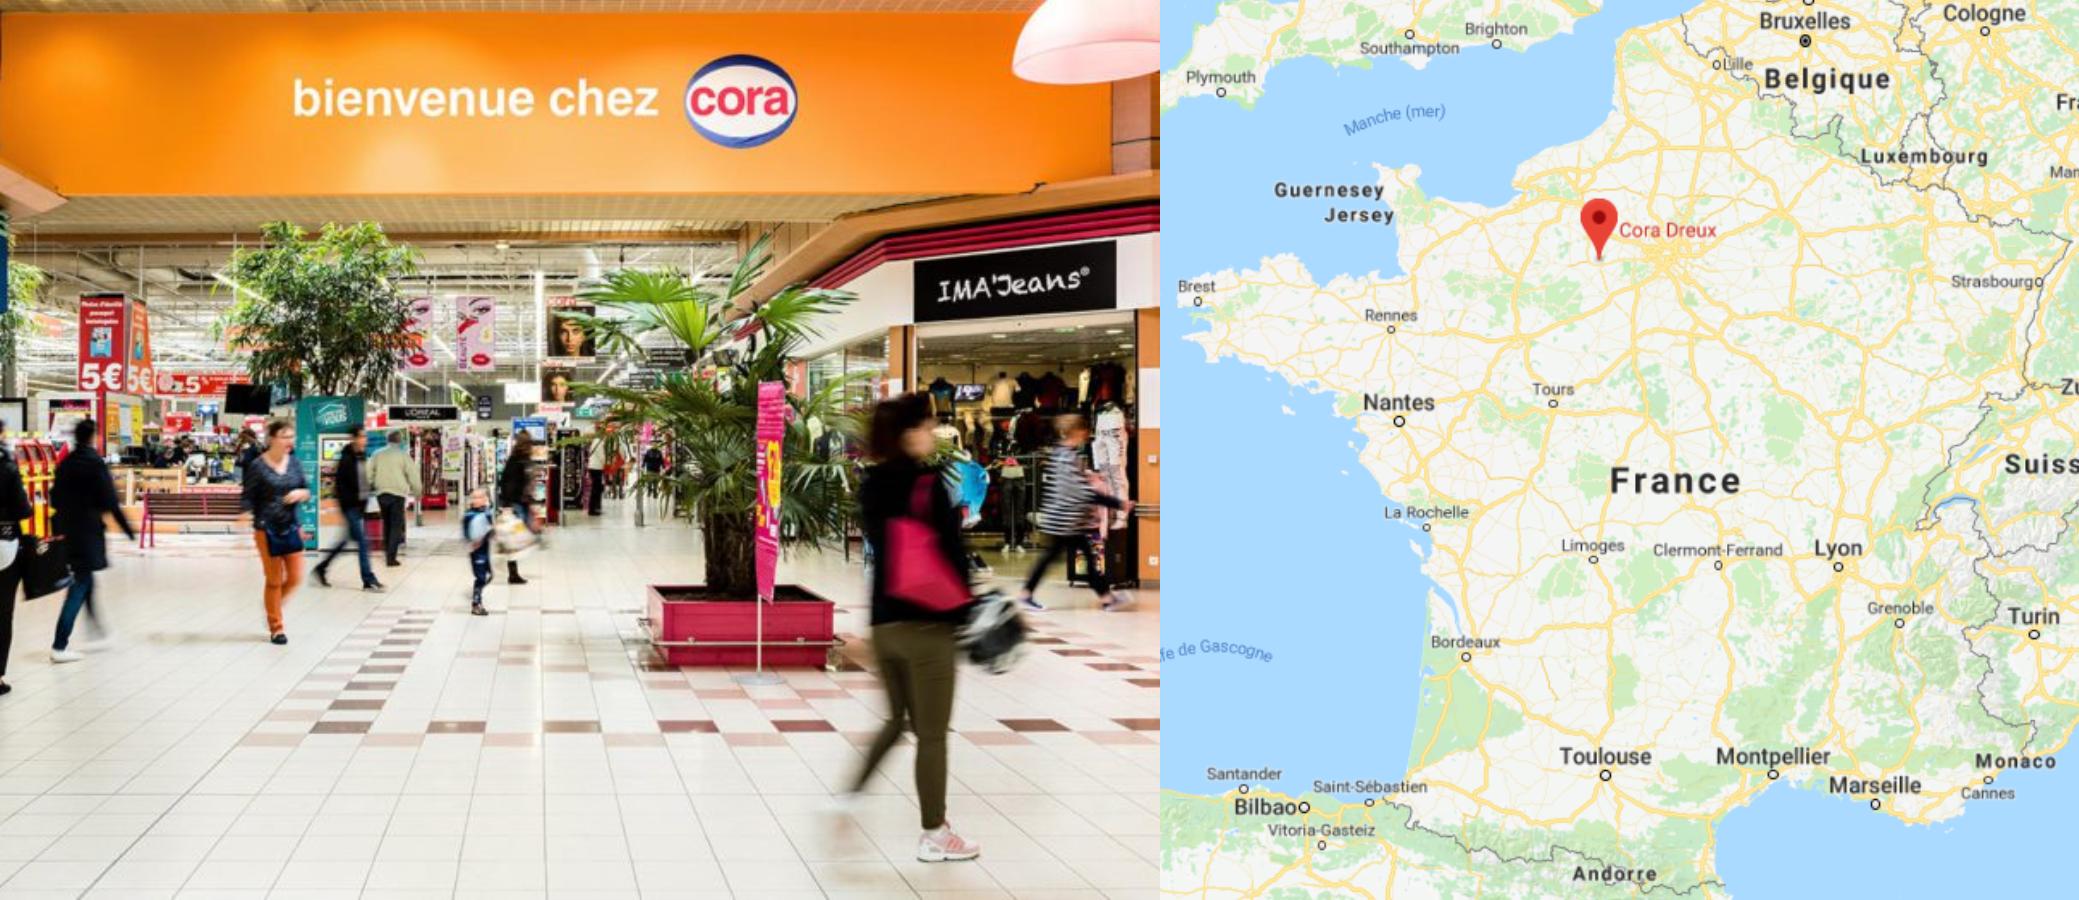 Centre commercial Cora Dreux